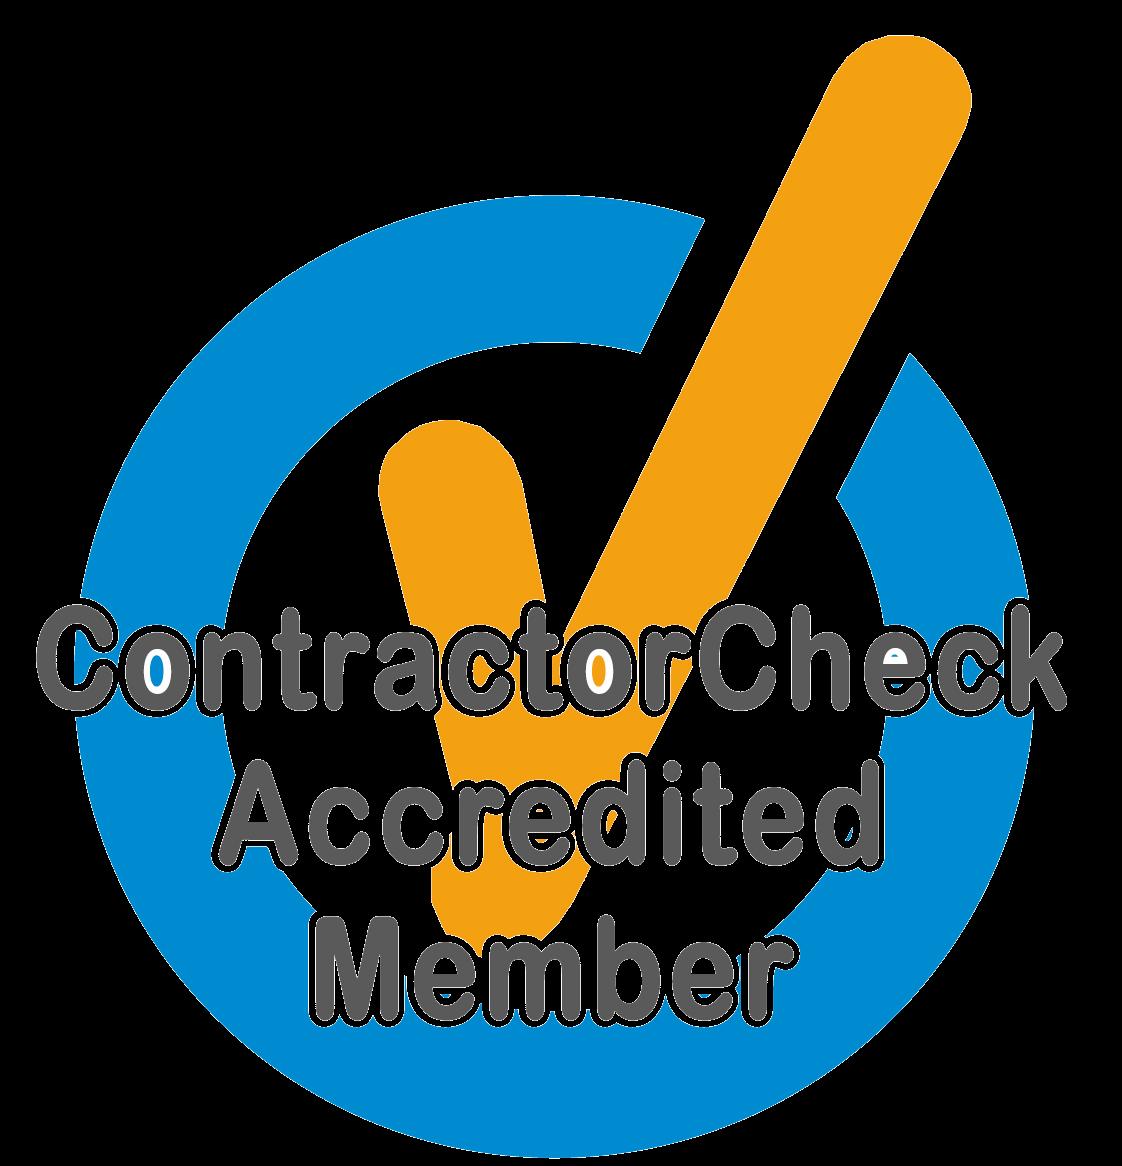 Contractor-Check-Logo-jpg-ENG-1-e1461082791212.png